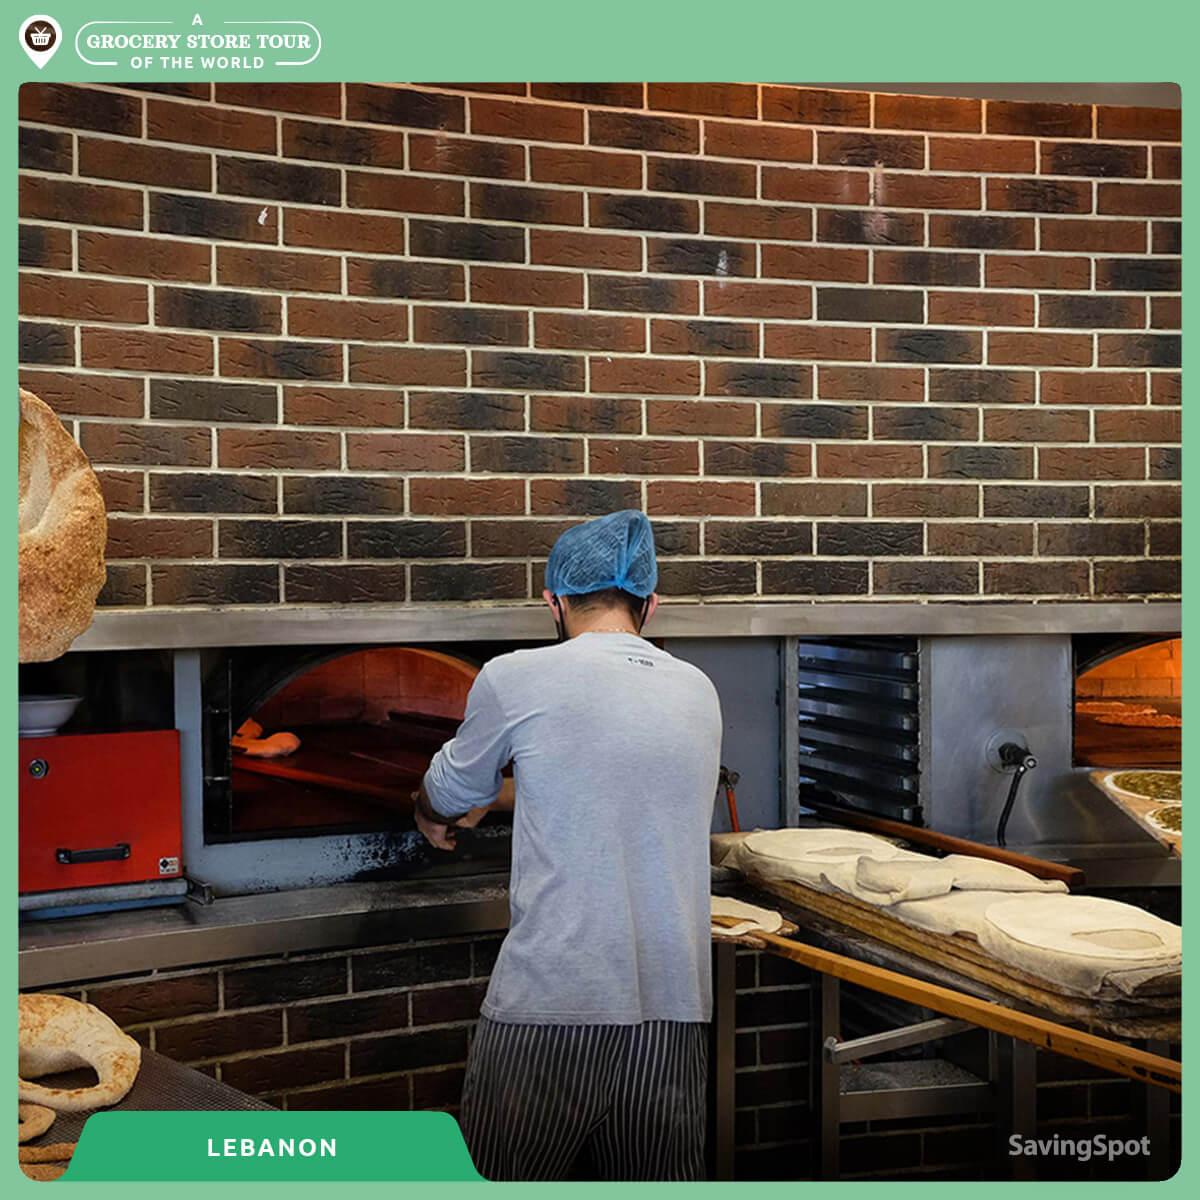 Ο φούρνος του παντοπωλείου στον Λίβανο. Φωτογραφία: SavingSpot